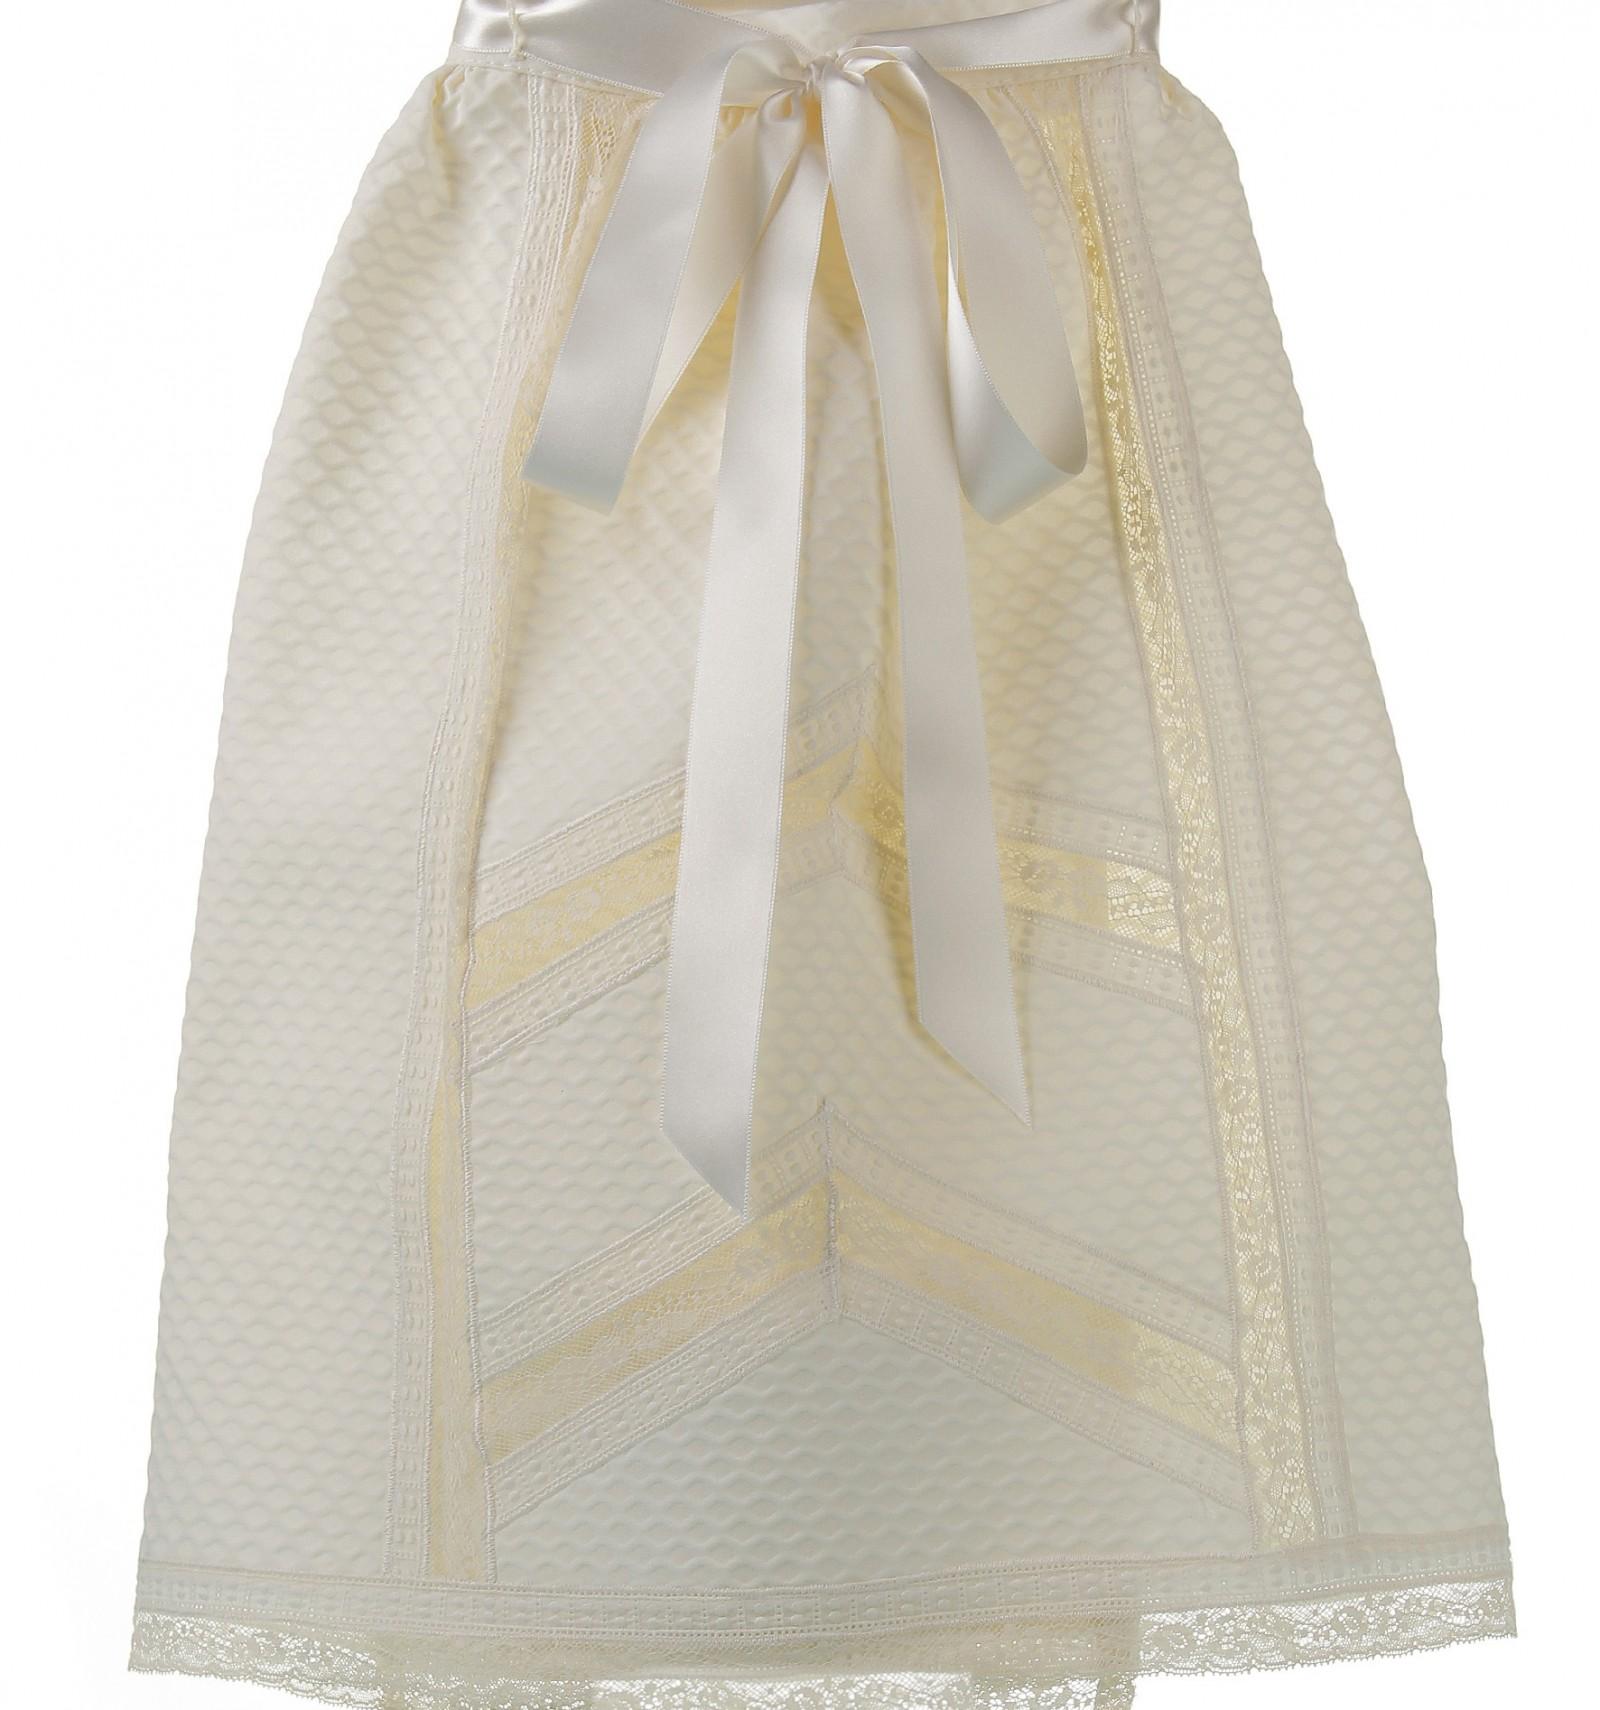 Faldón de ceremonia y bautizo para bebé con entredoses de batista y  Valencienne 86013111767